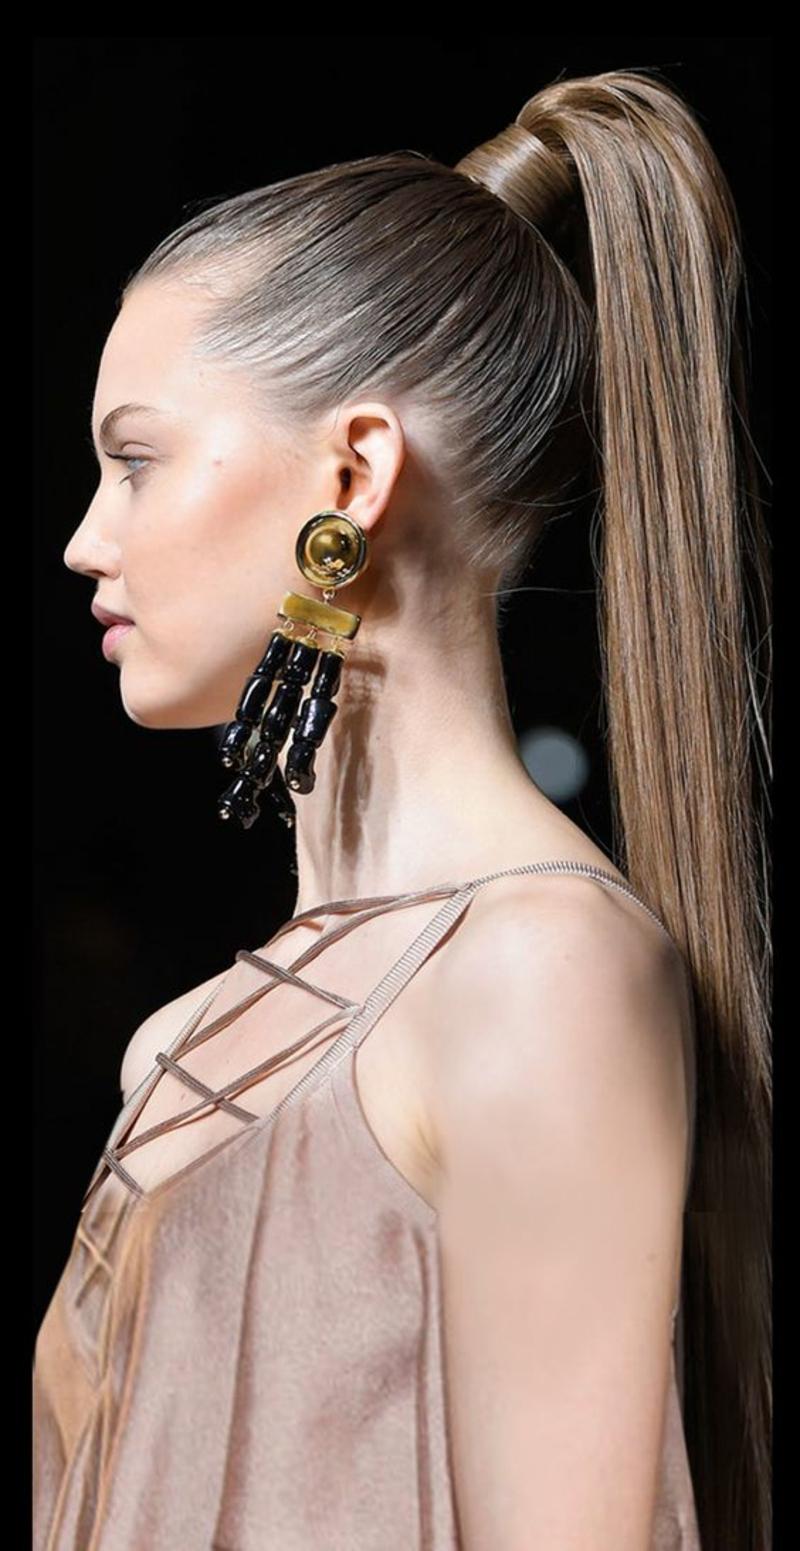 Trendfarben Beige aktuelle Modetrends 2016 Modeschauen